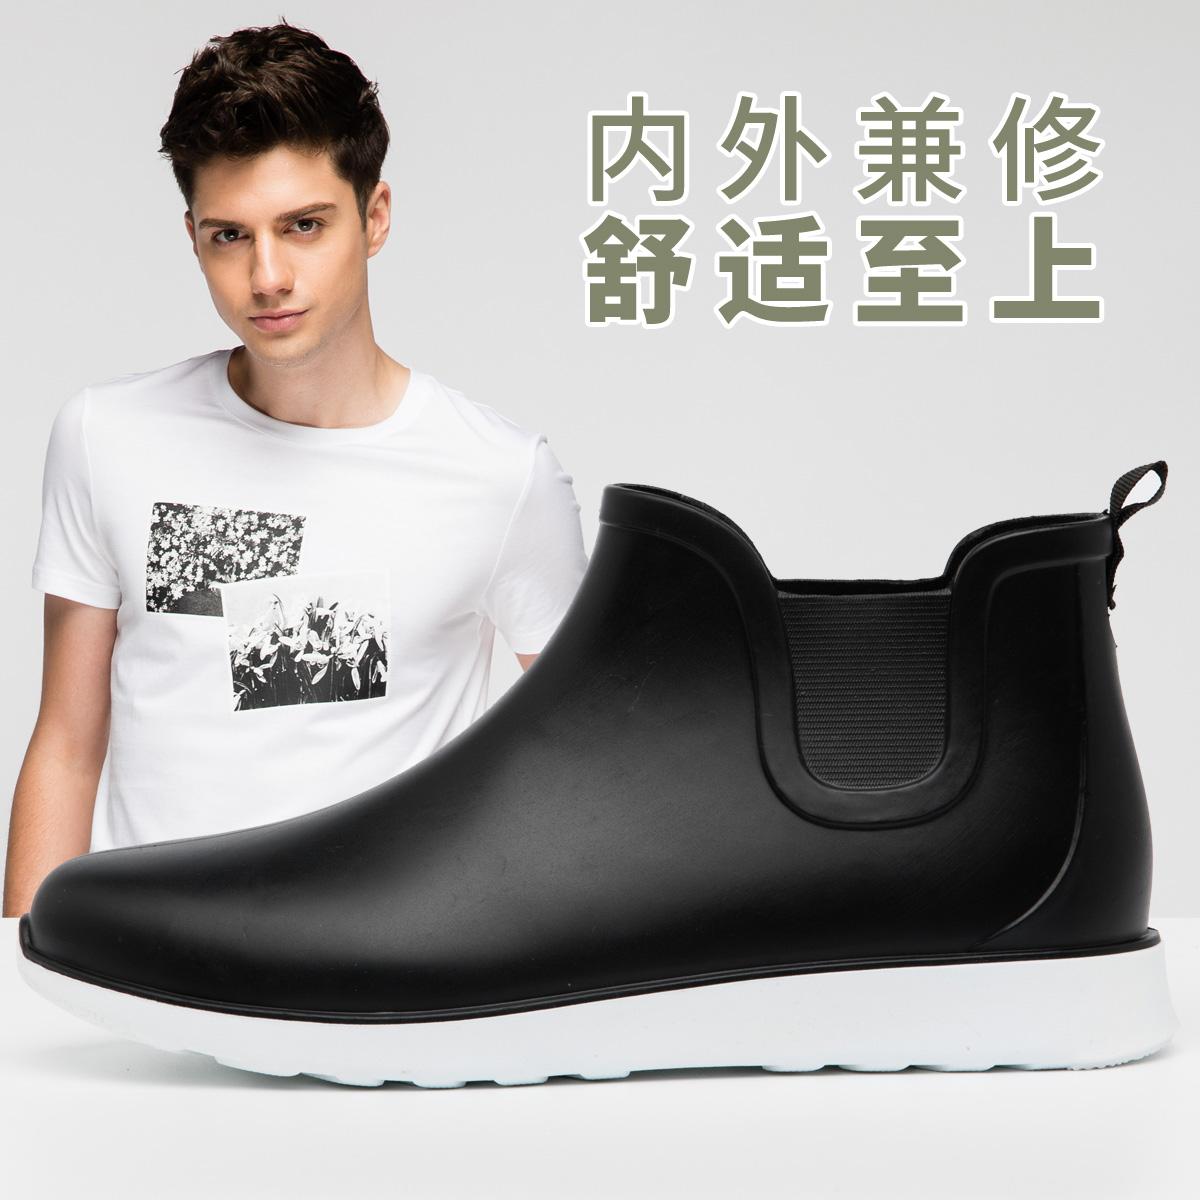 Купить Резиновая в Китае, в интернет магазине таобао на русском языке